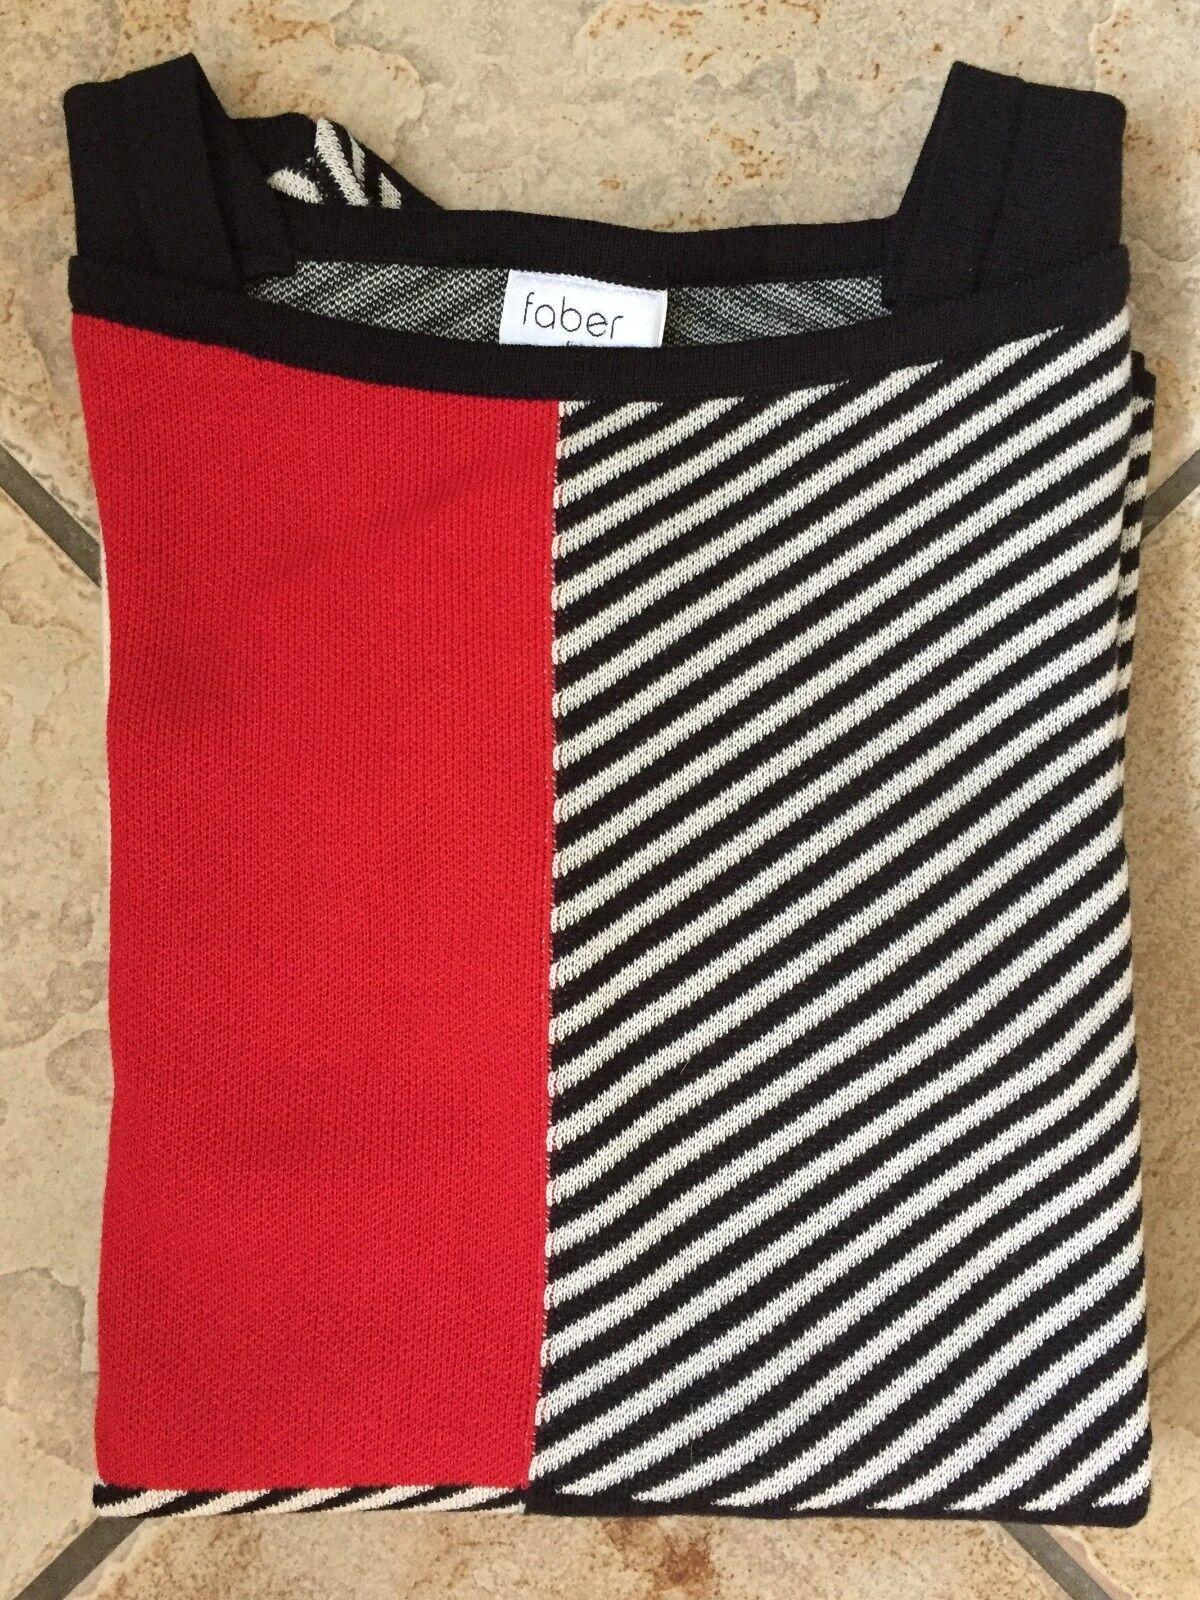 Donna Maglione FABER manica lunga Beige Rosso Nero Nero Nero Con Motivo Tg. 40 add97f